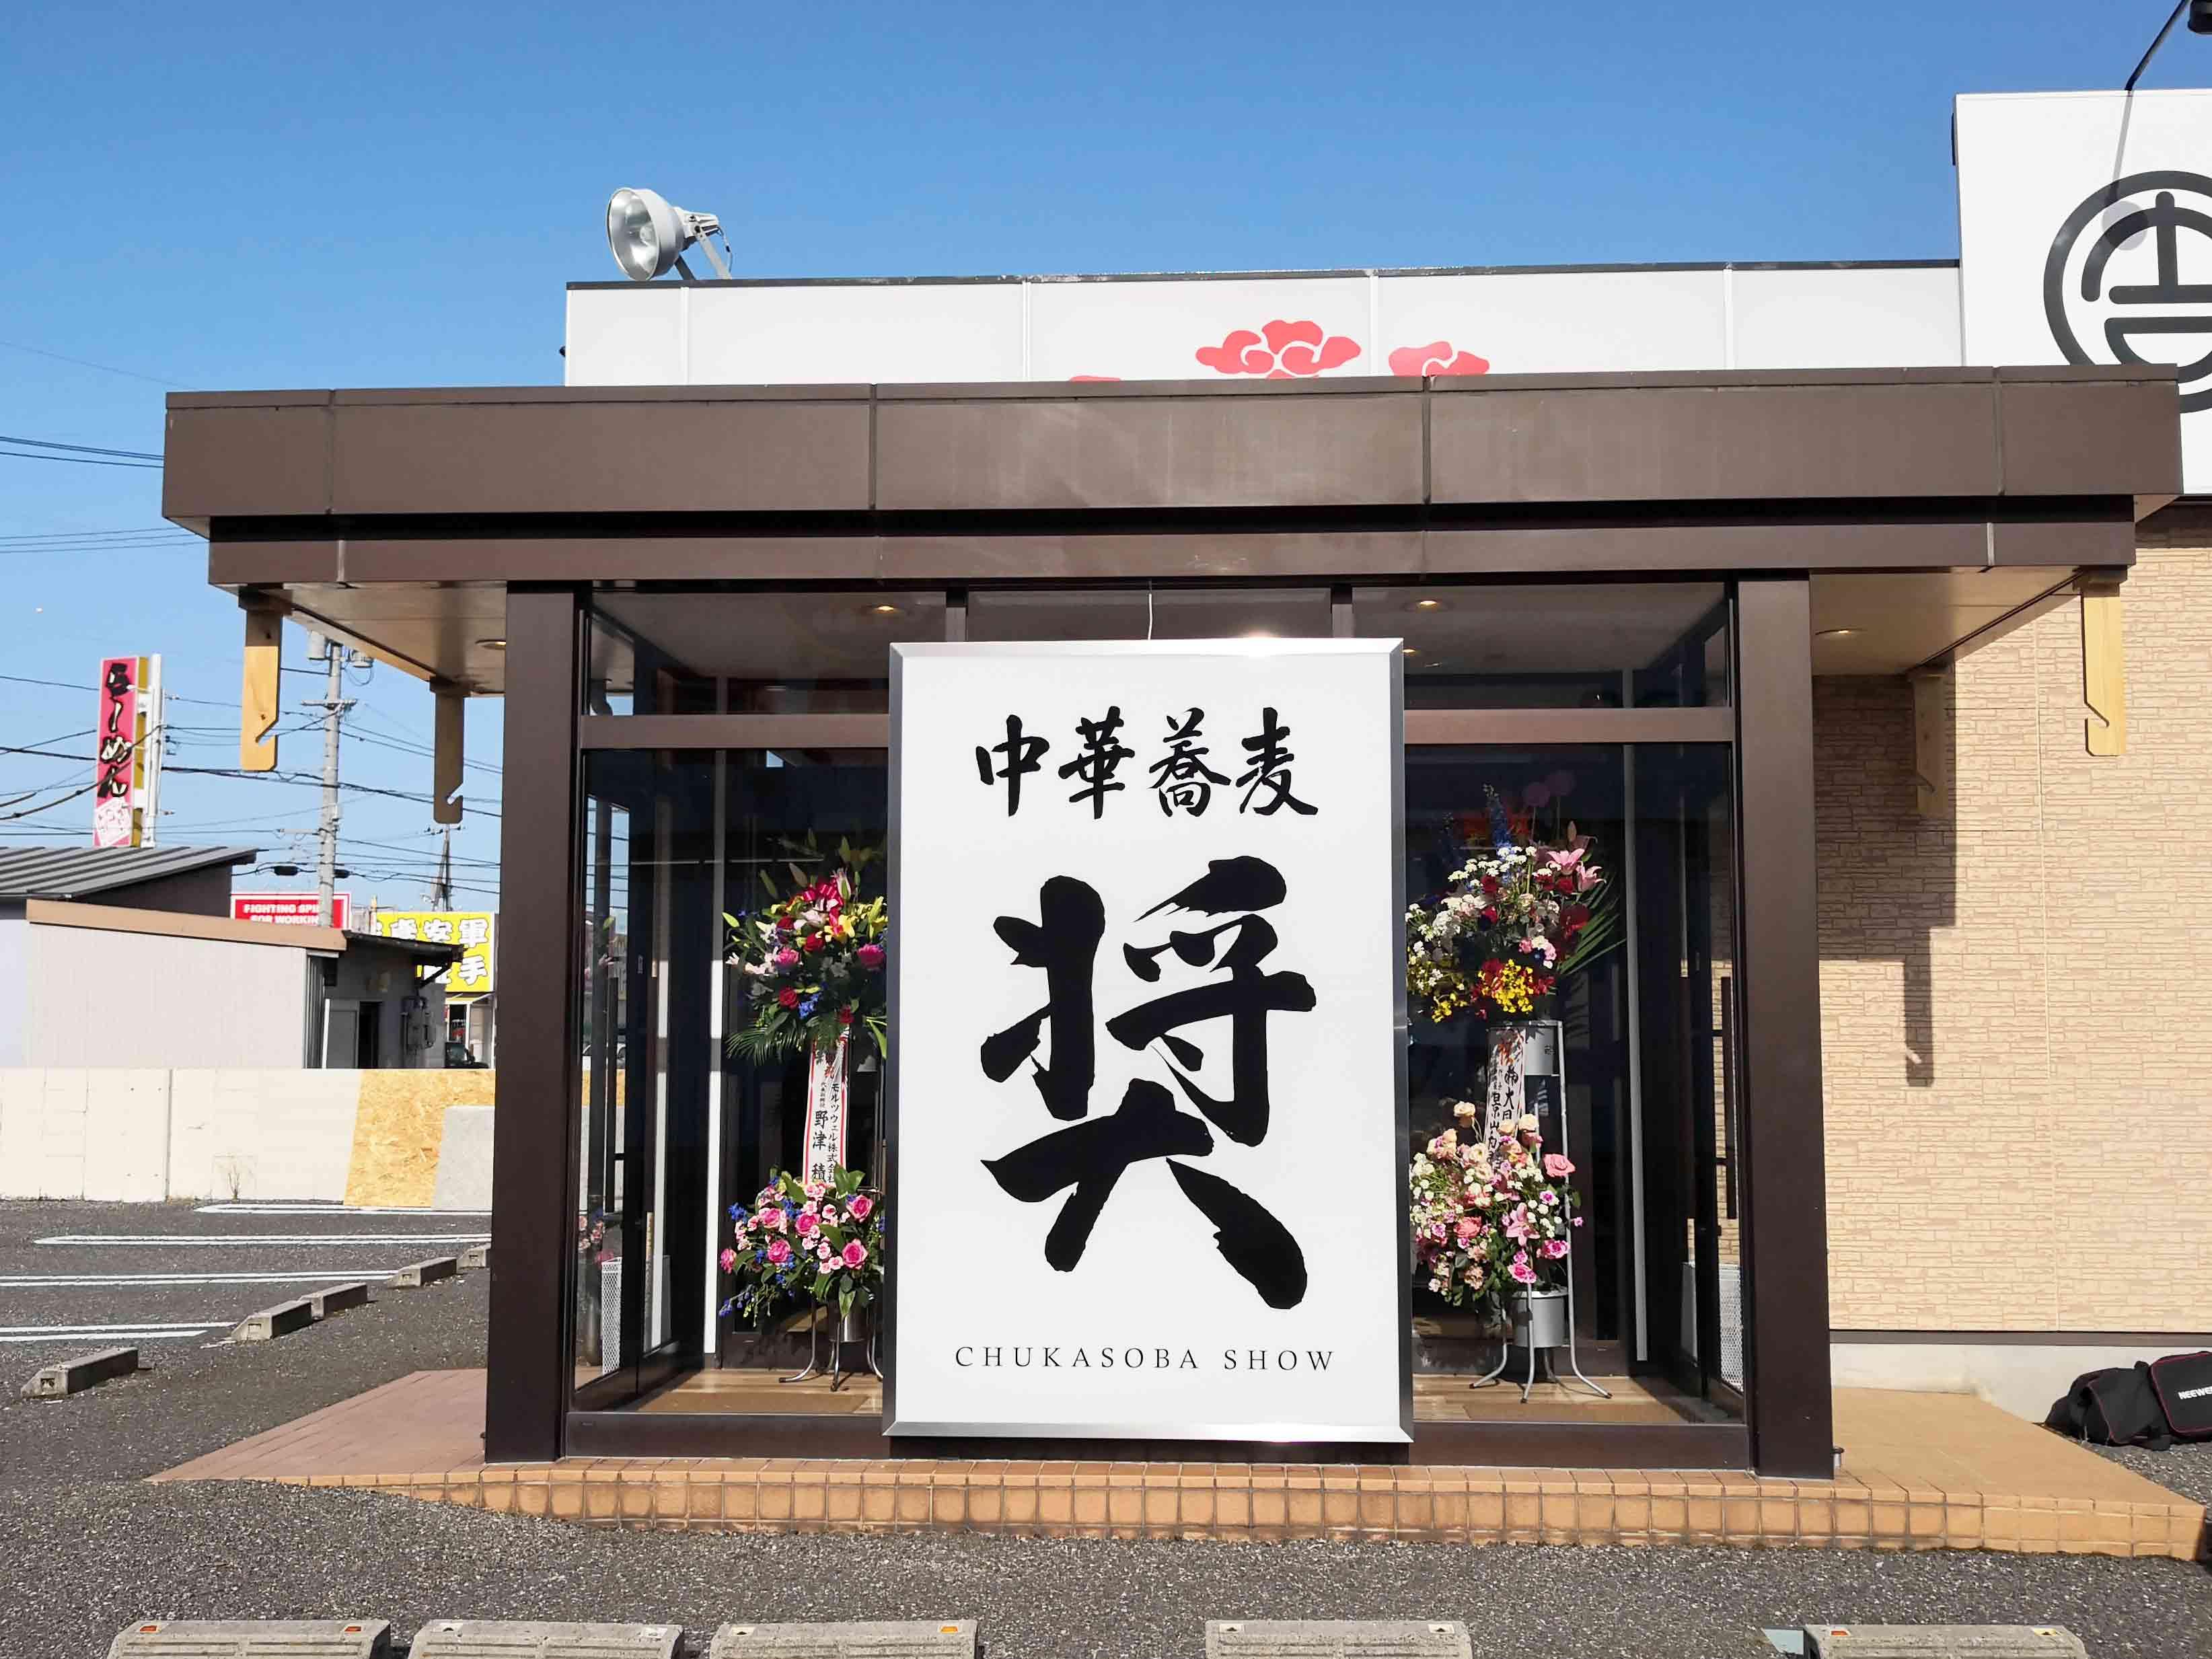 中華蕎麦奨外観看板